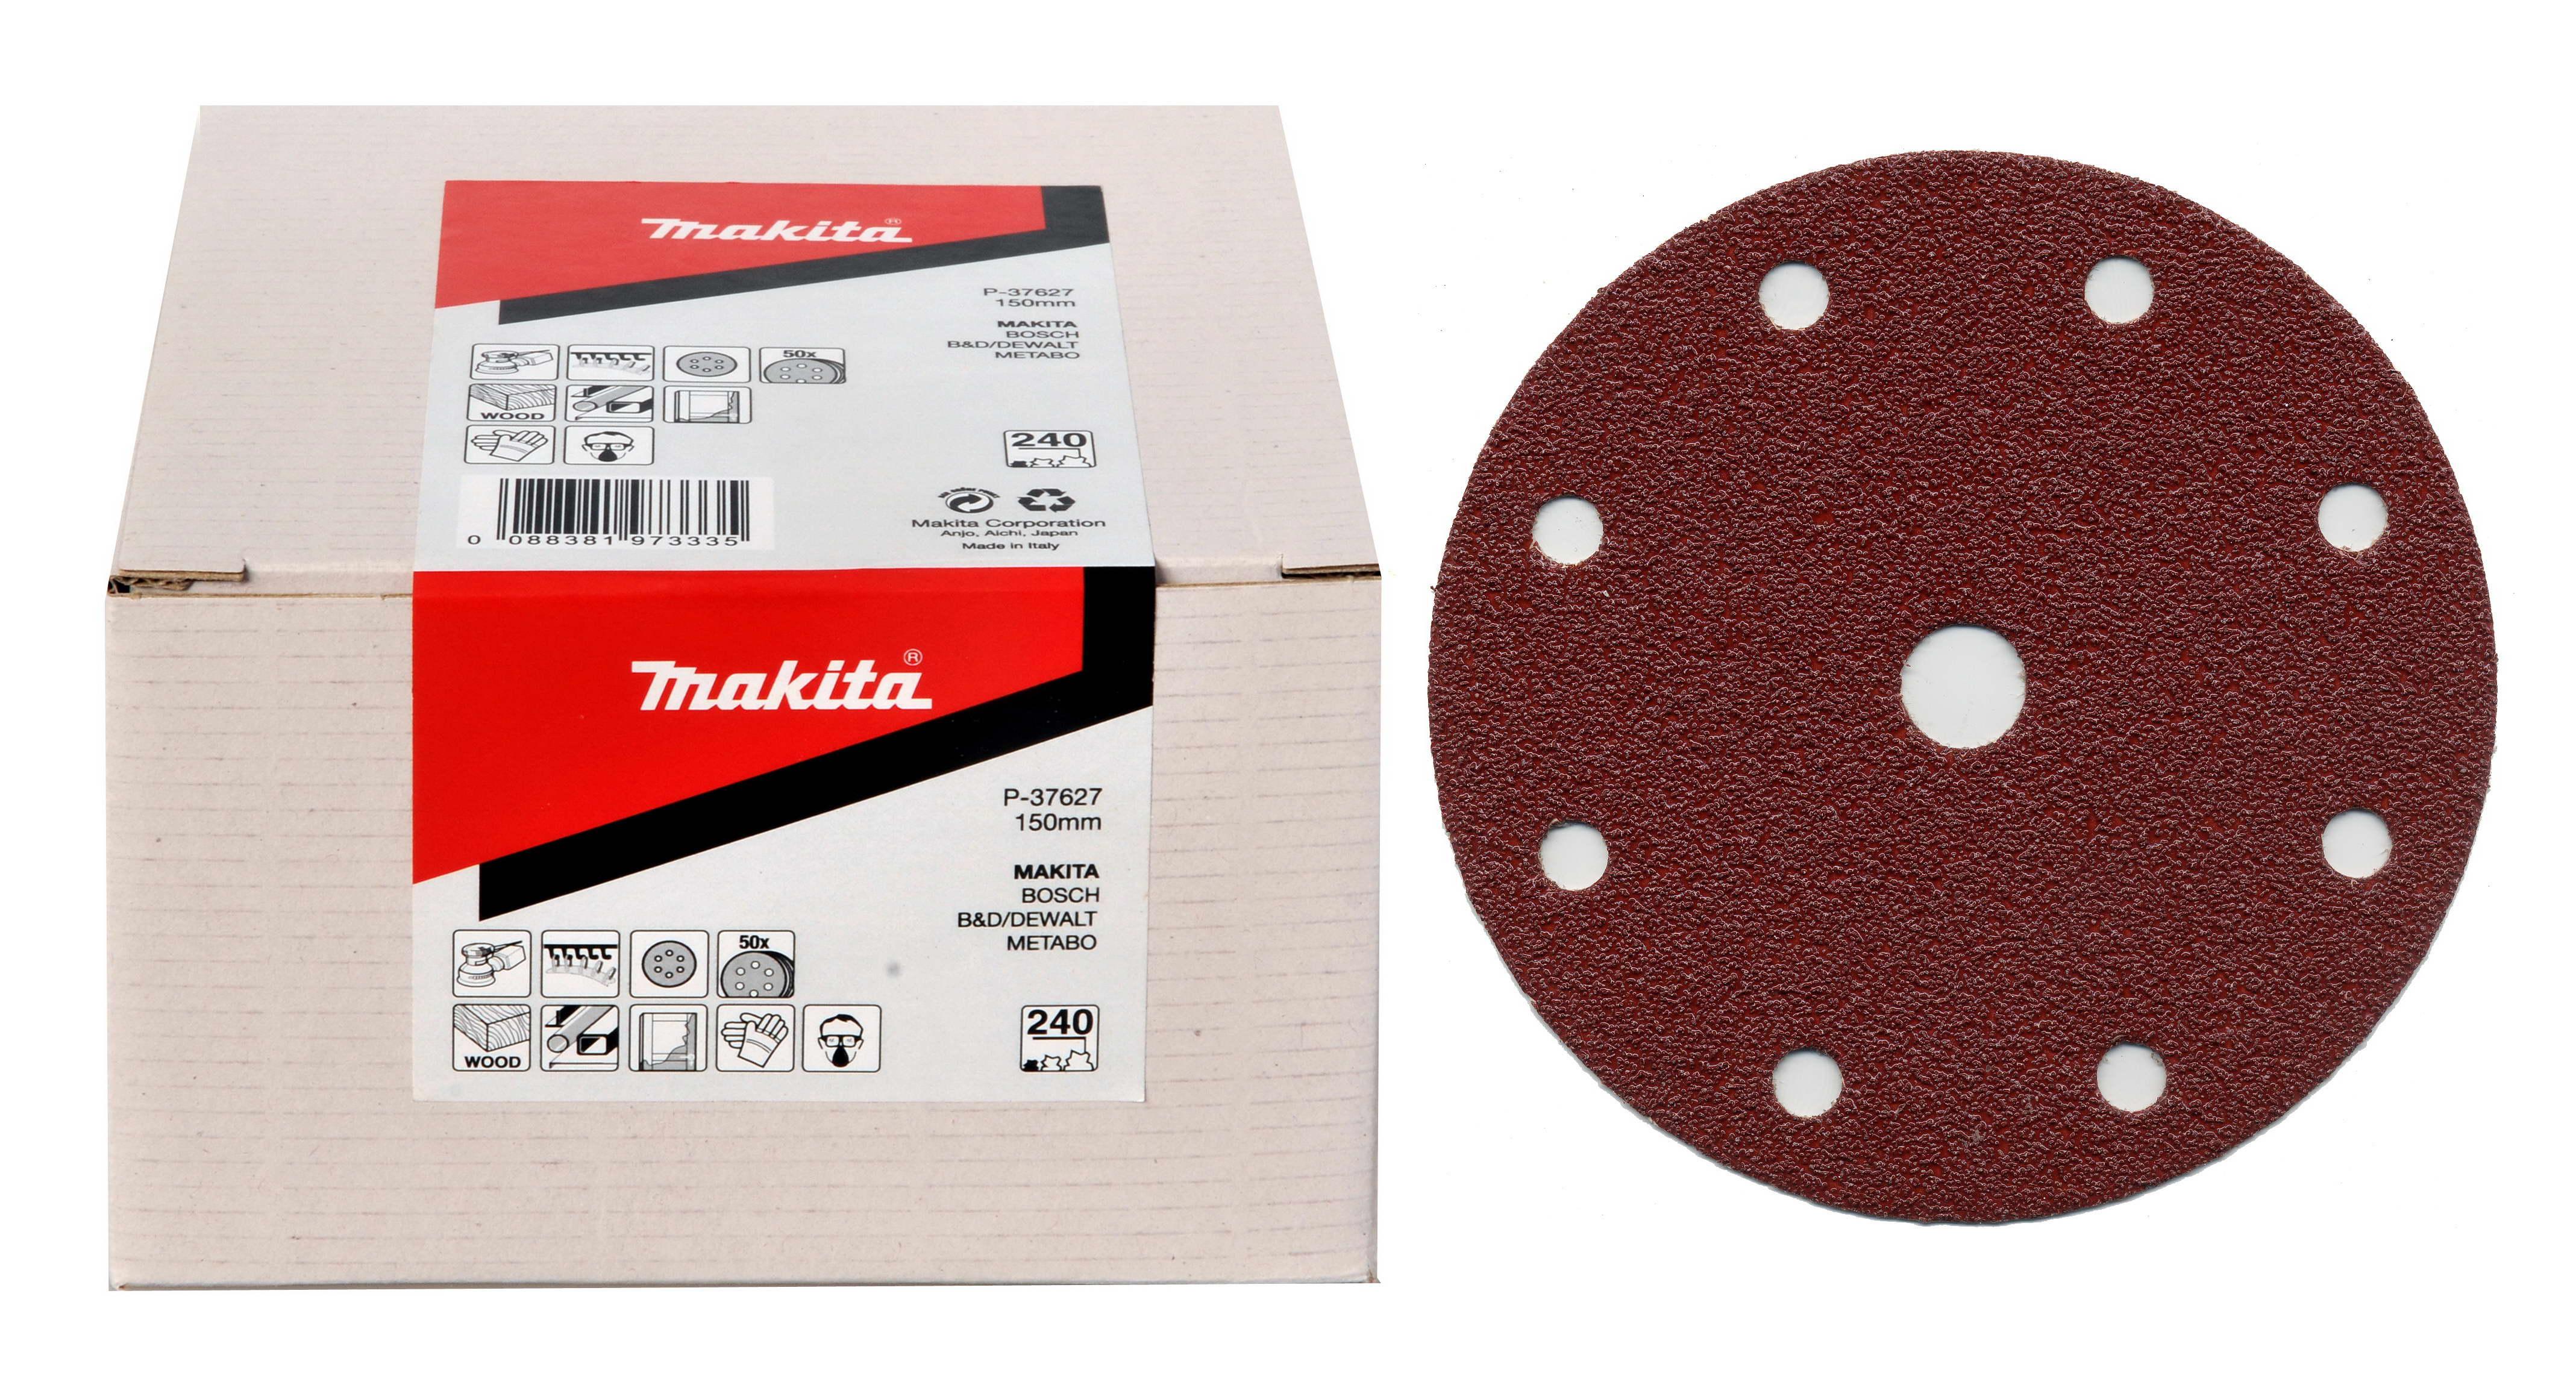 Makita P-37580 brus.pap150mm6otK80 50ksBO6030,40